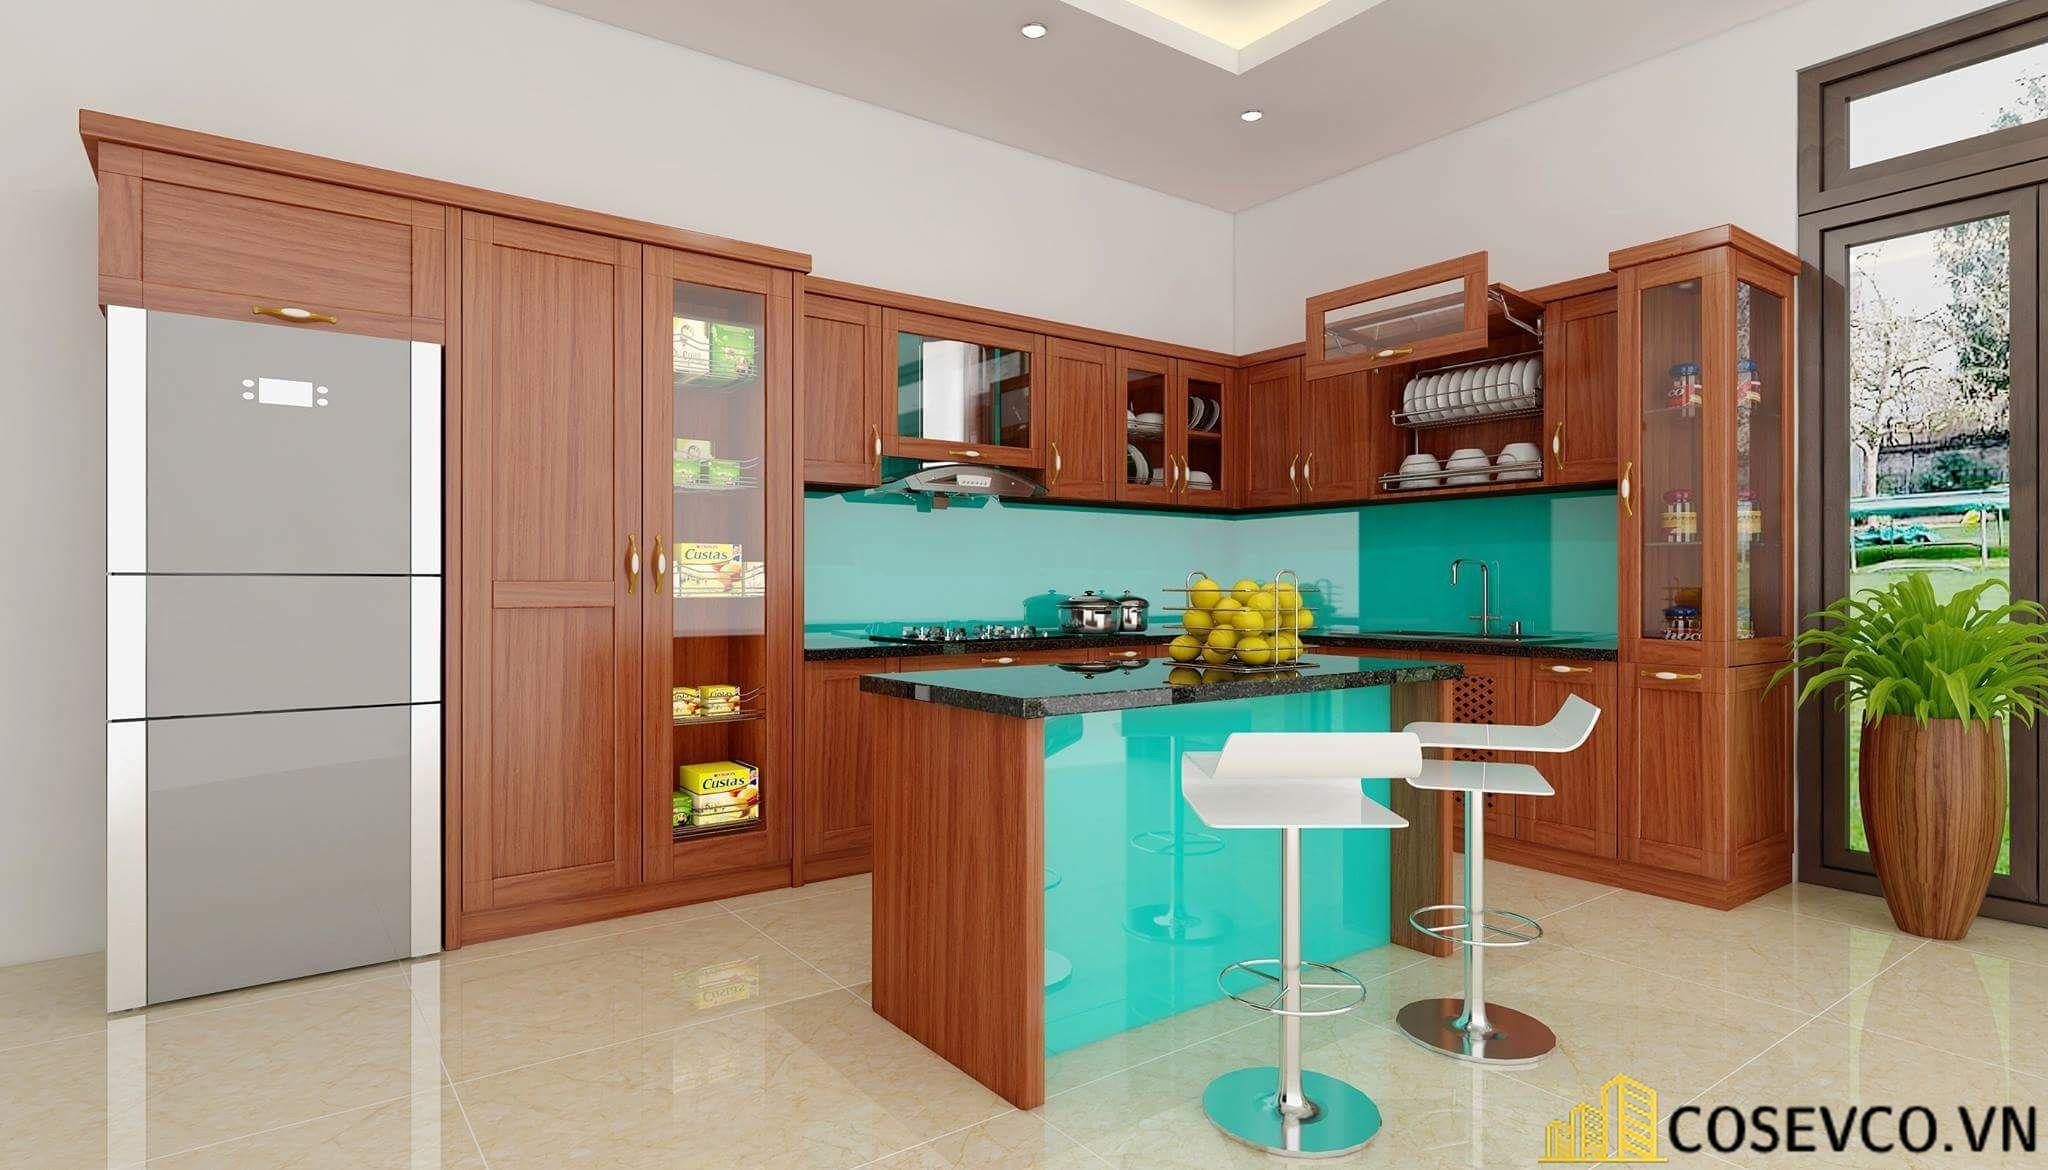 Trang trí tủ bếp nhằm giúp cho không gian bếp được trở nên sinh động - H2